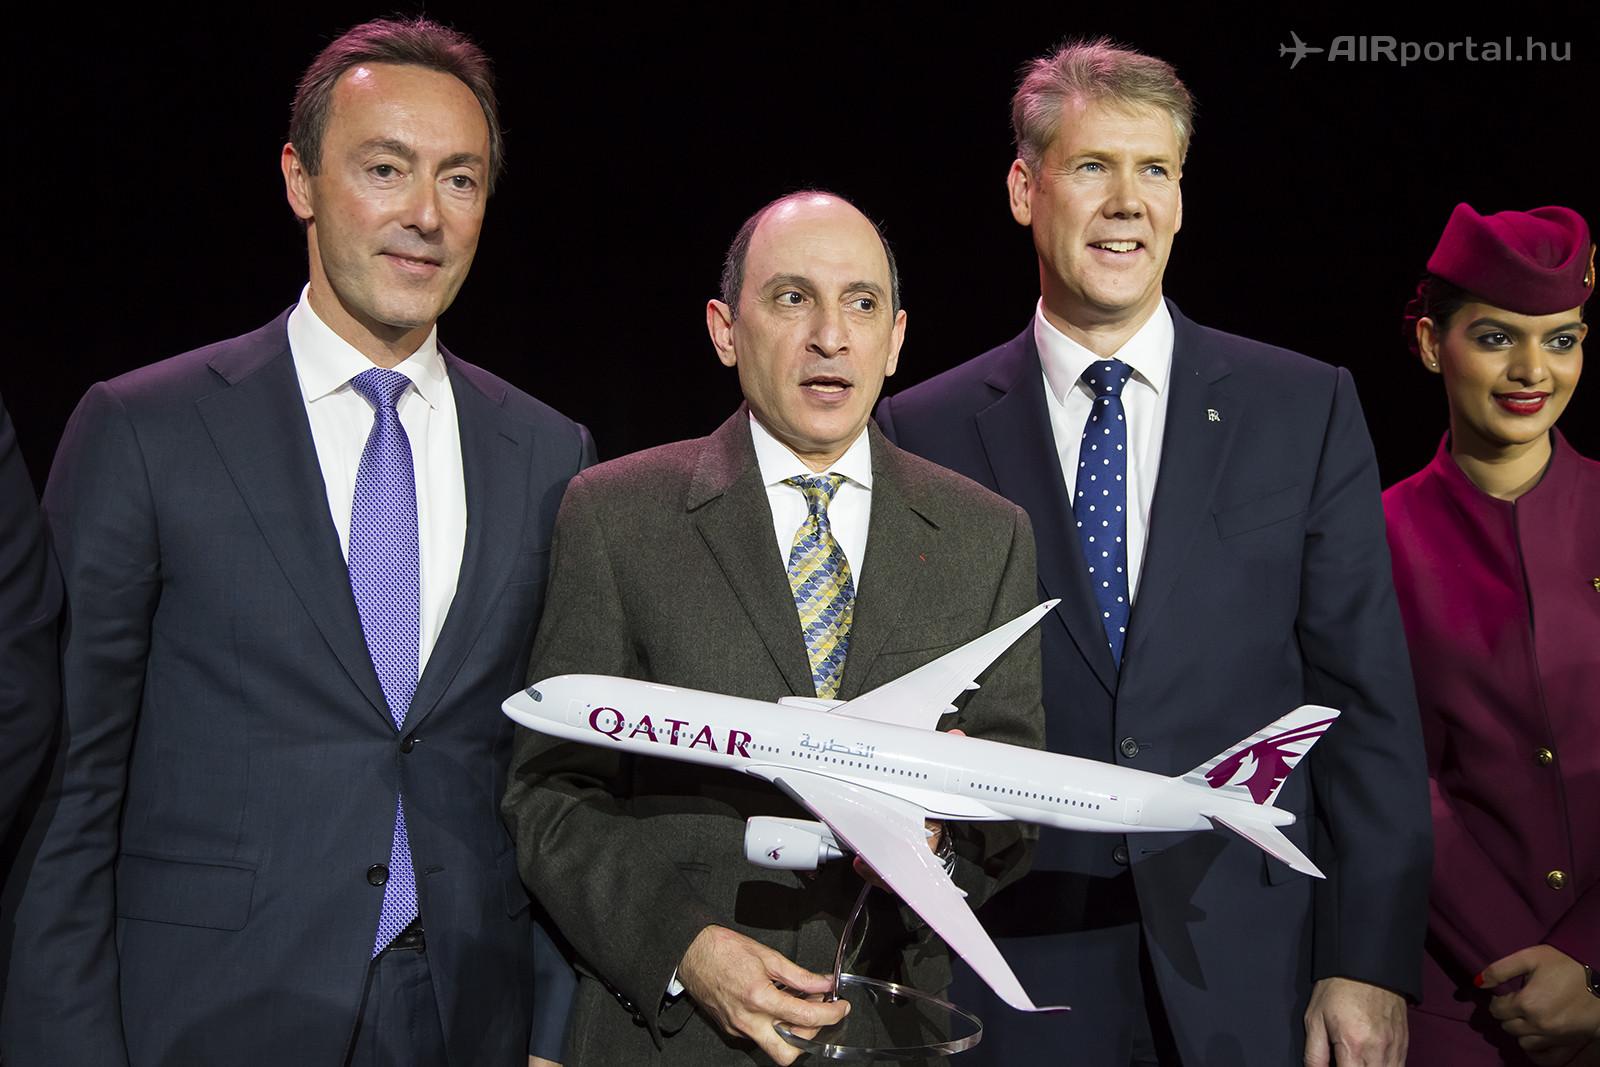 Akbar Al Baker a Qatar Airways csoport vezérigazgatója (középen) Toulouseban a cég első A350 XWB repülőgépének átadási ünnepségén 2014. decemberben. (Fotó: AIRportal.hu) | © AIRportal.hu